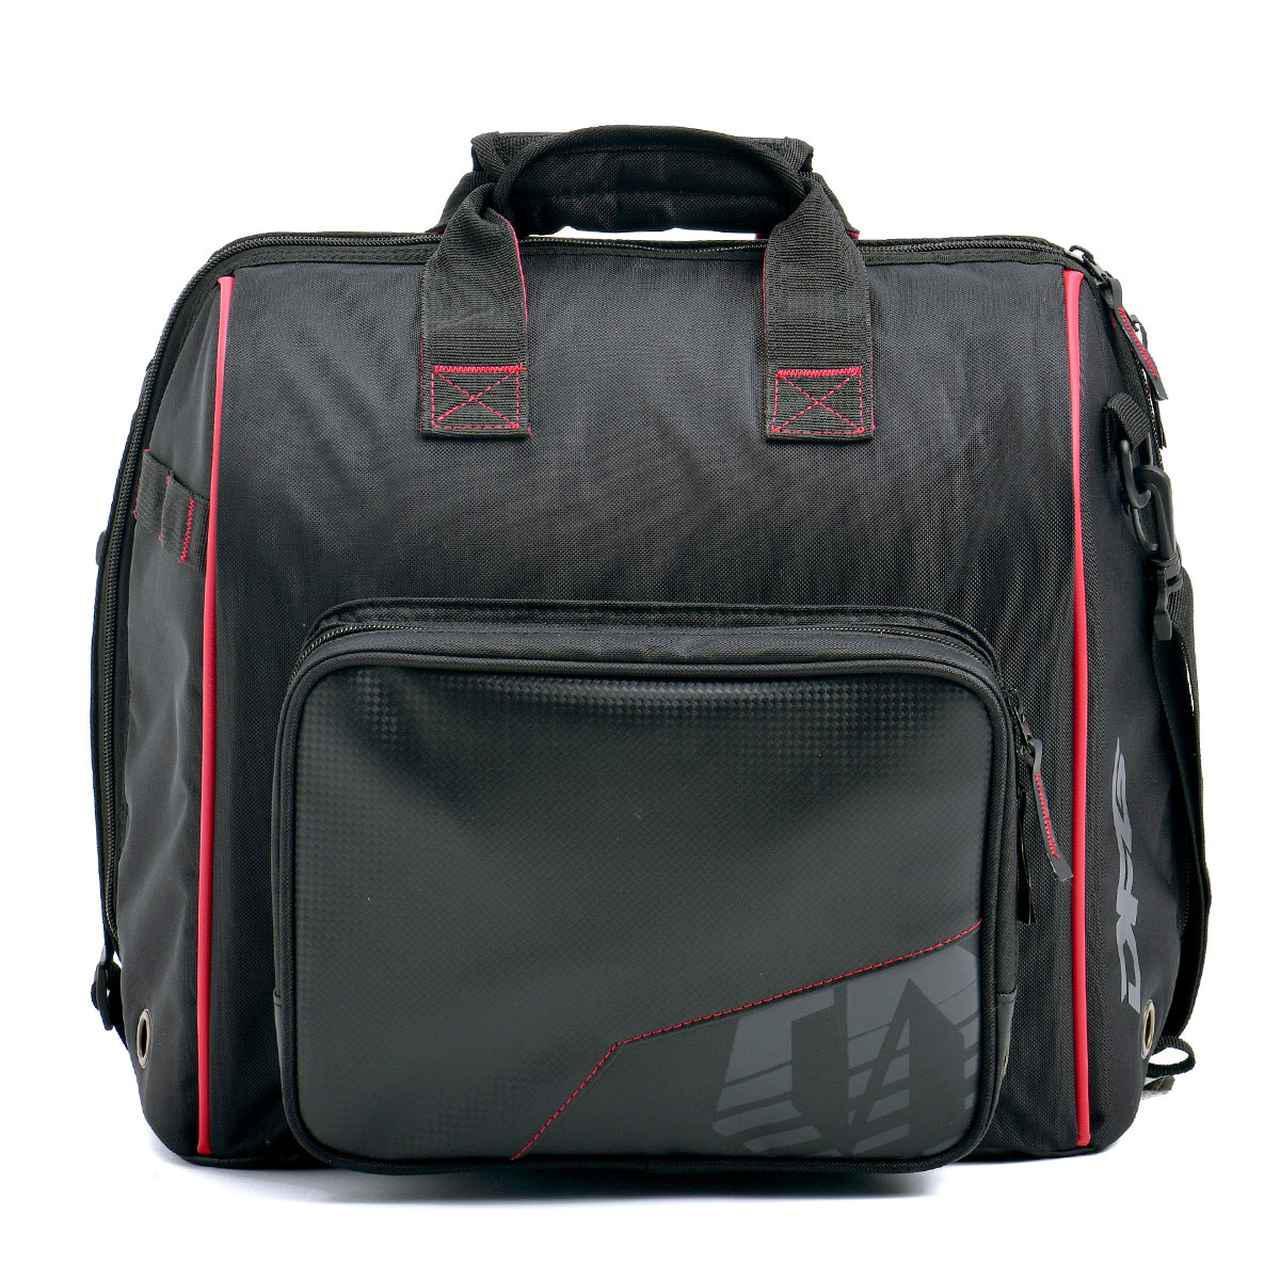 画像1: ヘルメット+小物ギアはバッグにまとめてスマートに